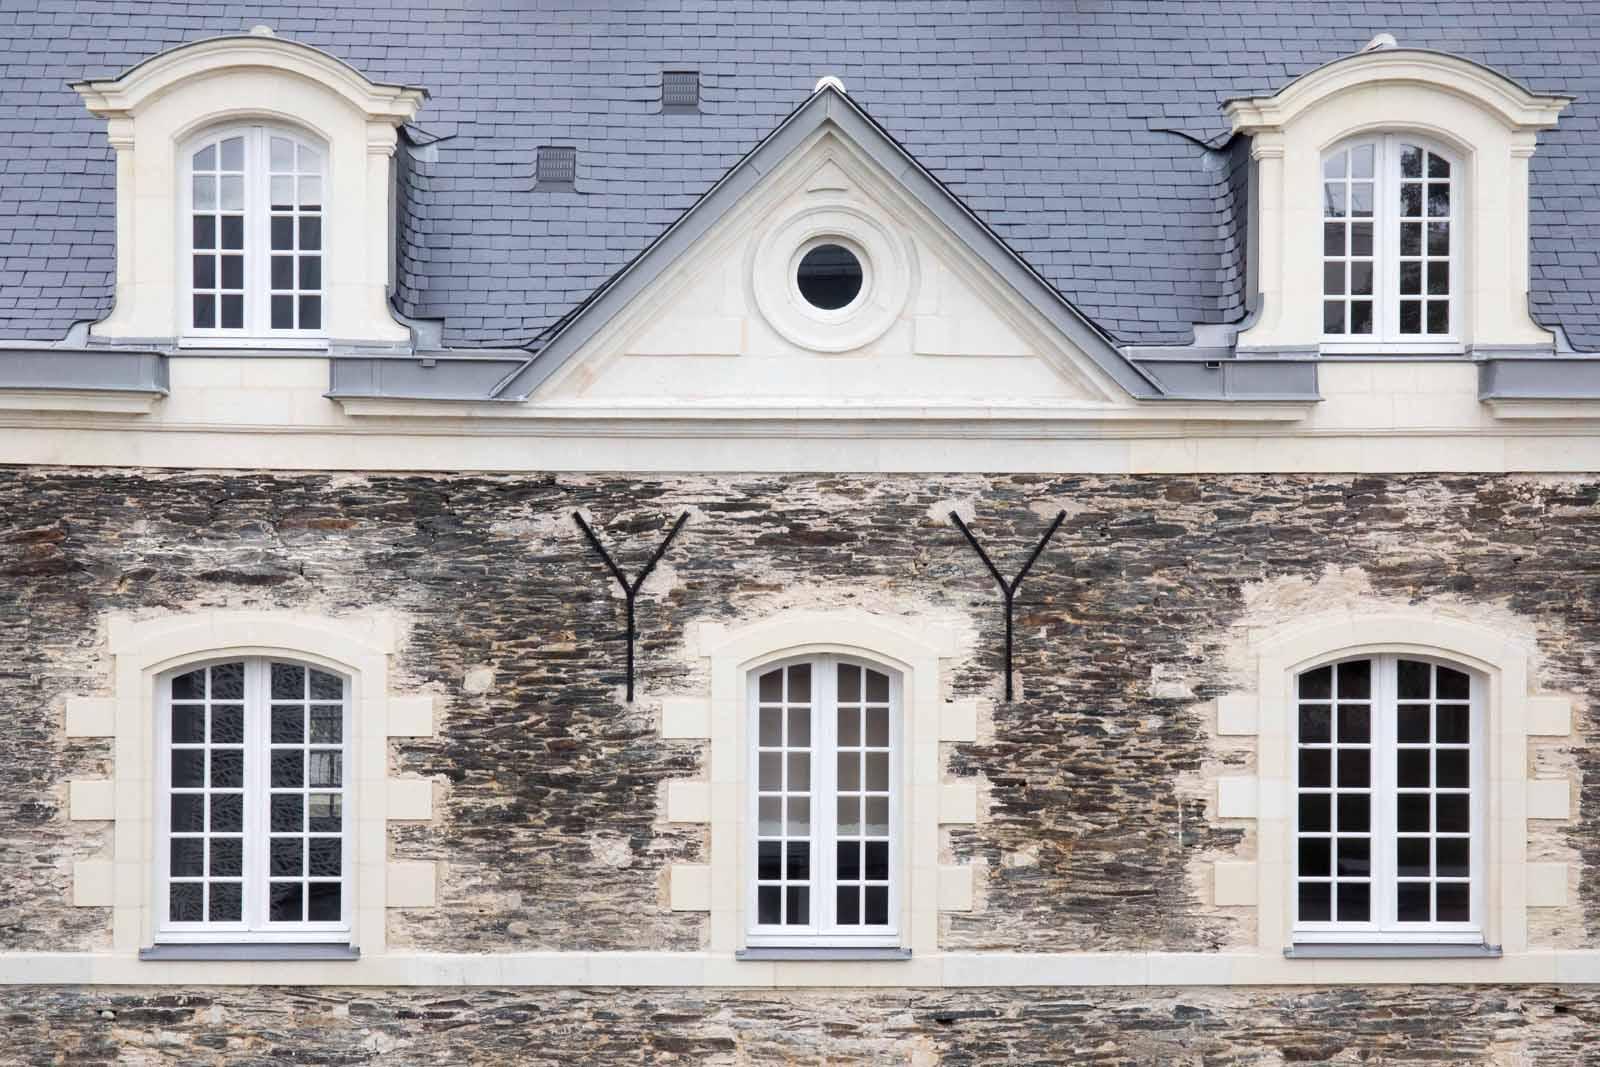 Fenêtres d'un établissement scolaire - Maine et Loire